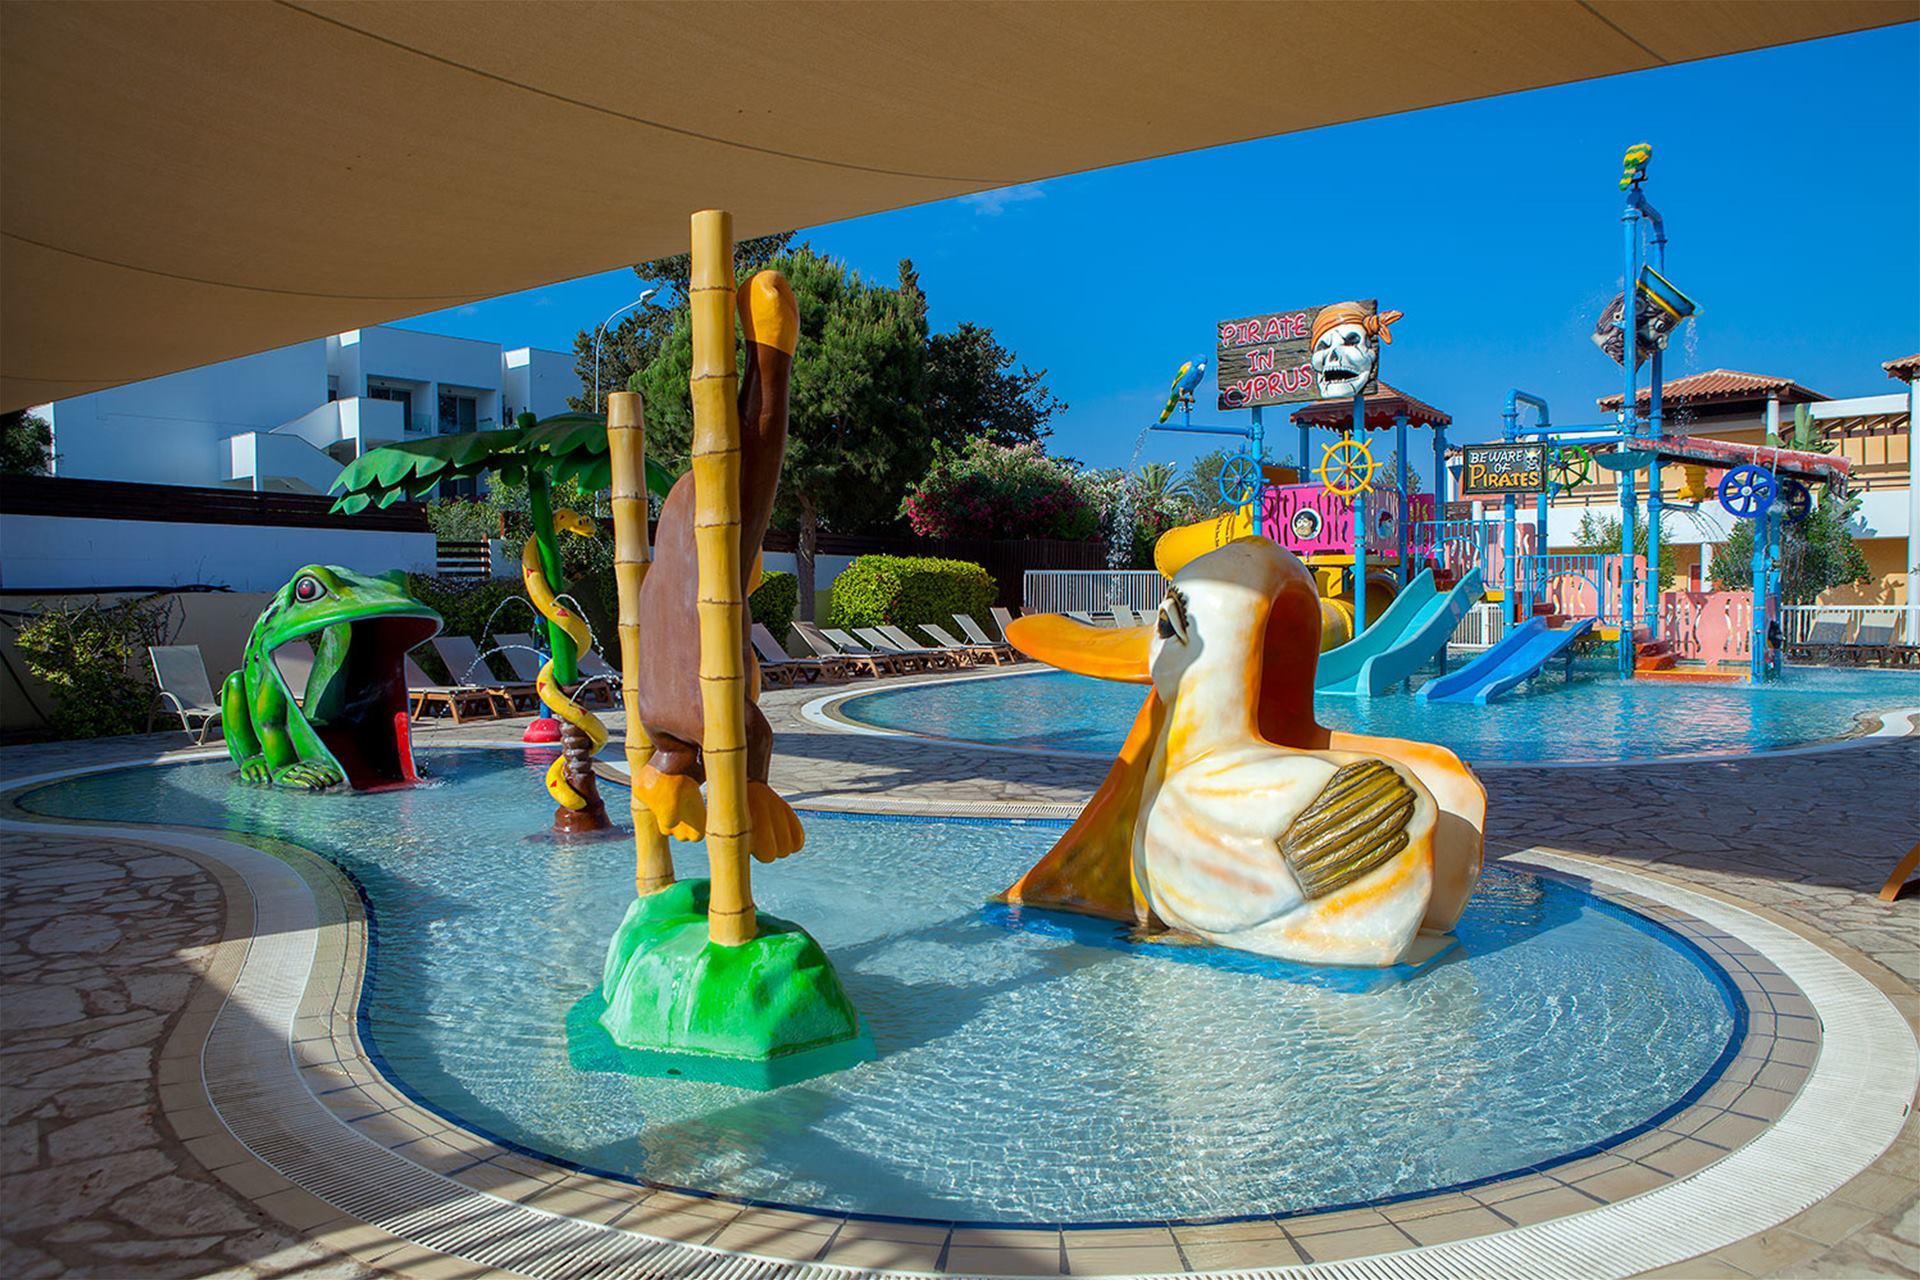 Atlantica Aeneas Resort And Spa